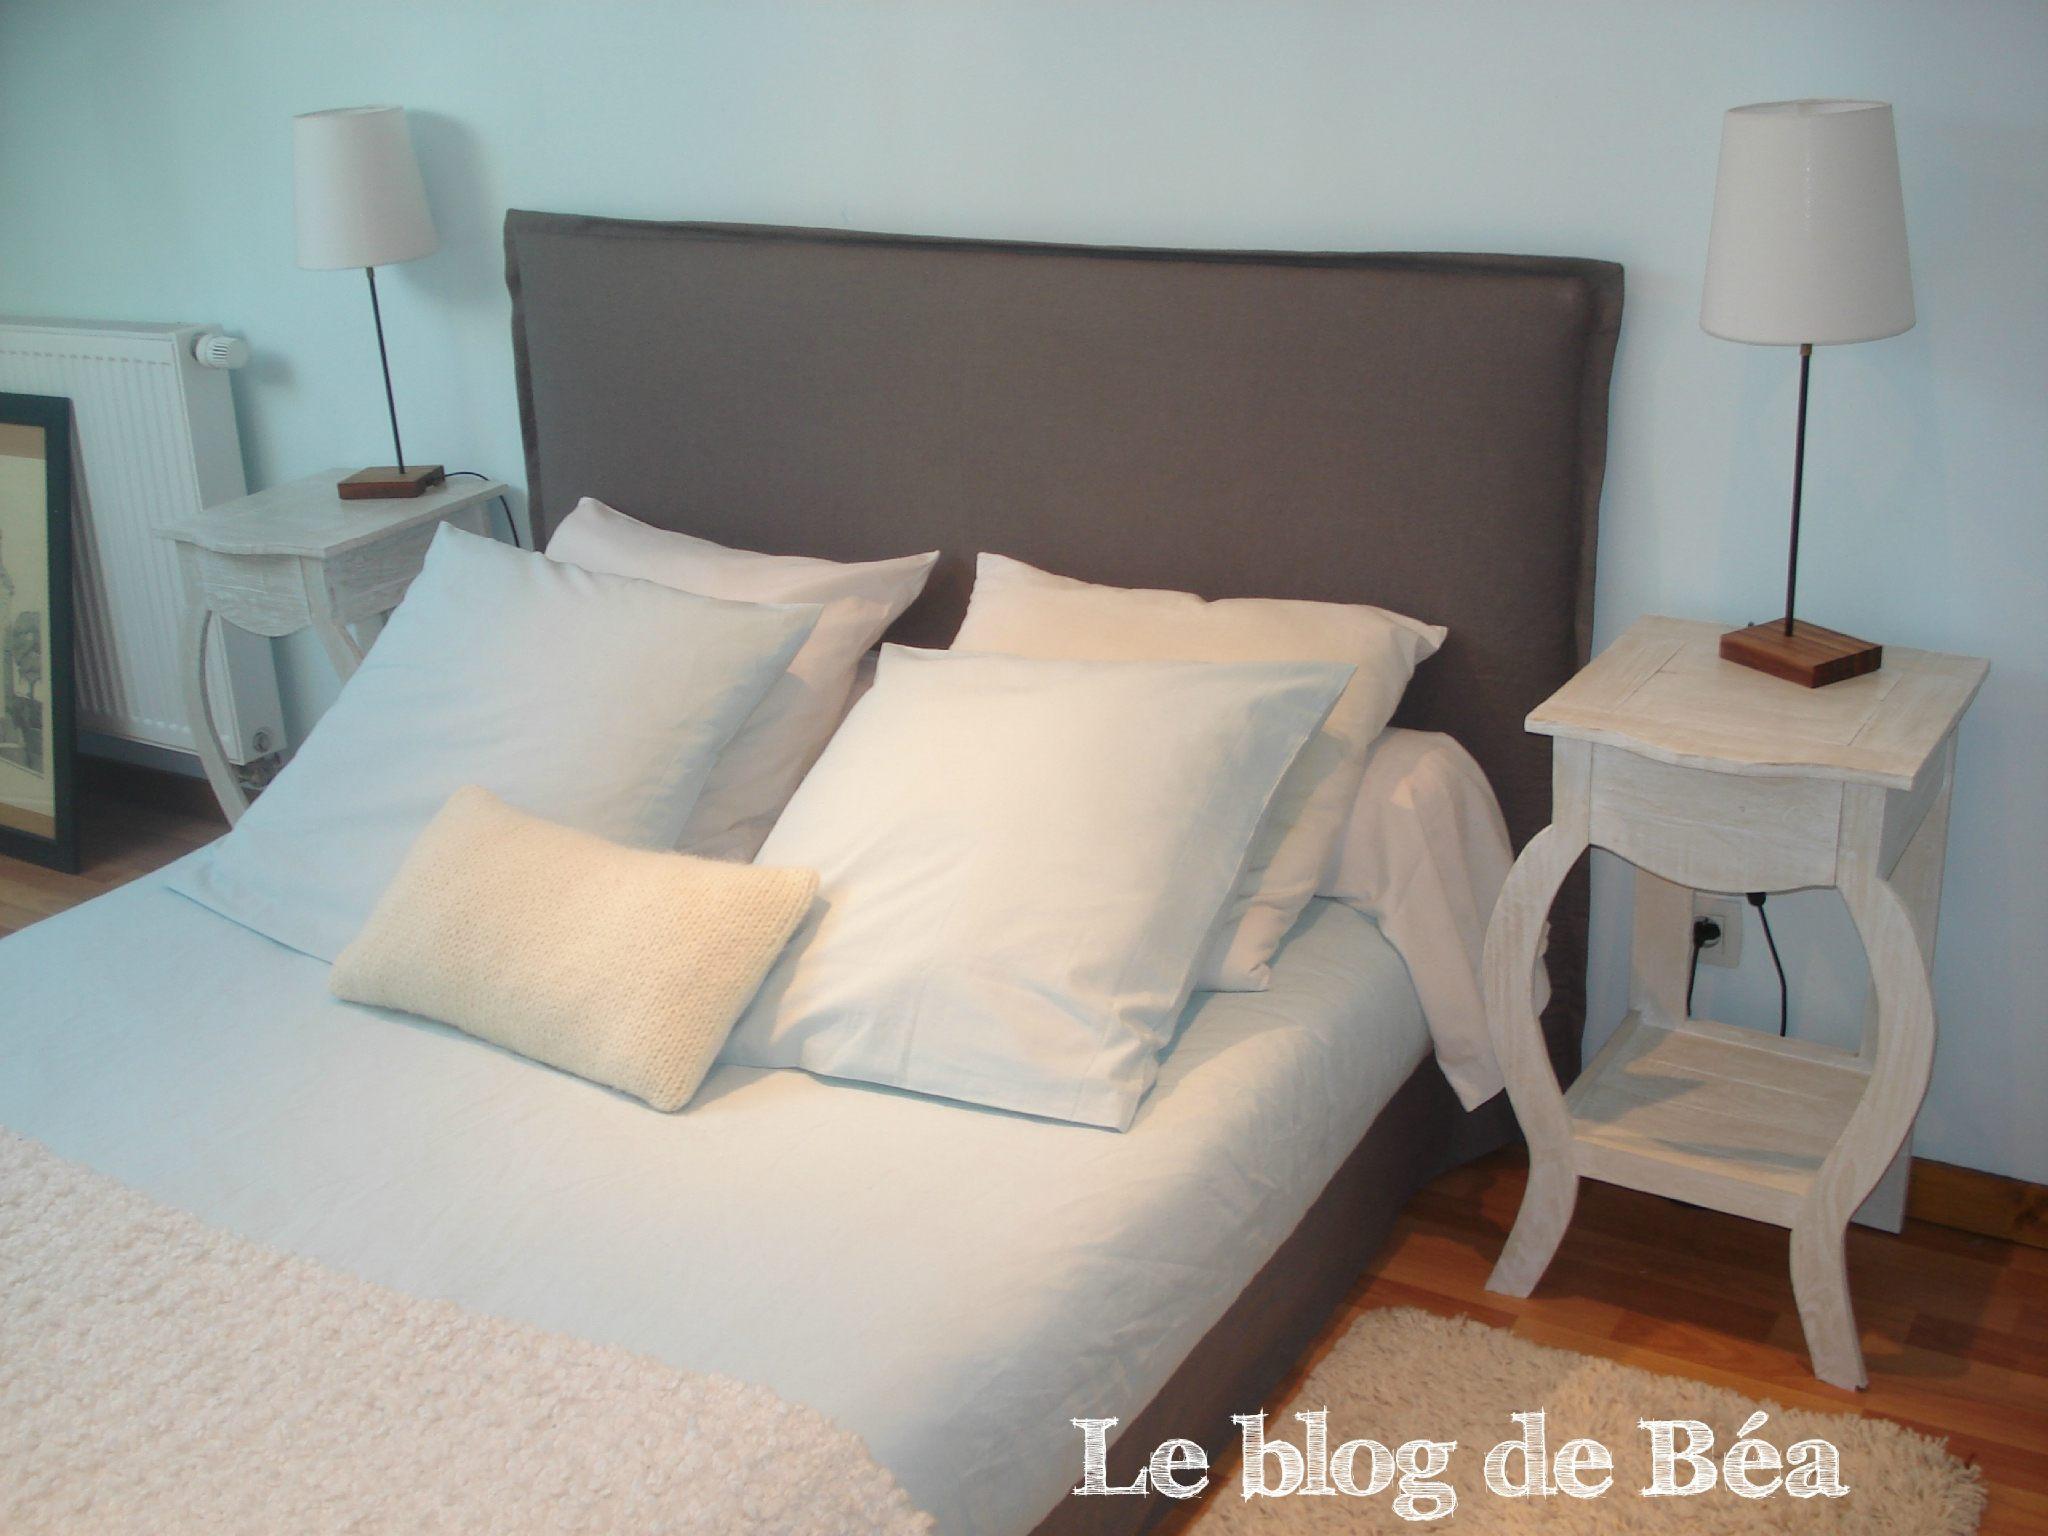 Tete De Lit Hotel Impressionnant Support Lit Tete De Lit Futon élégant Tete De Lit Confortable Tete